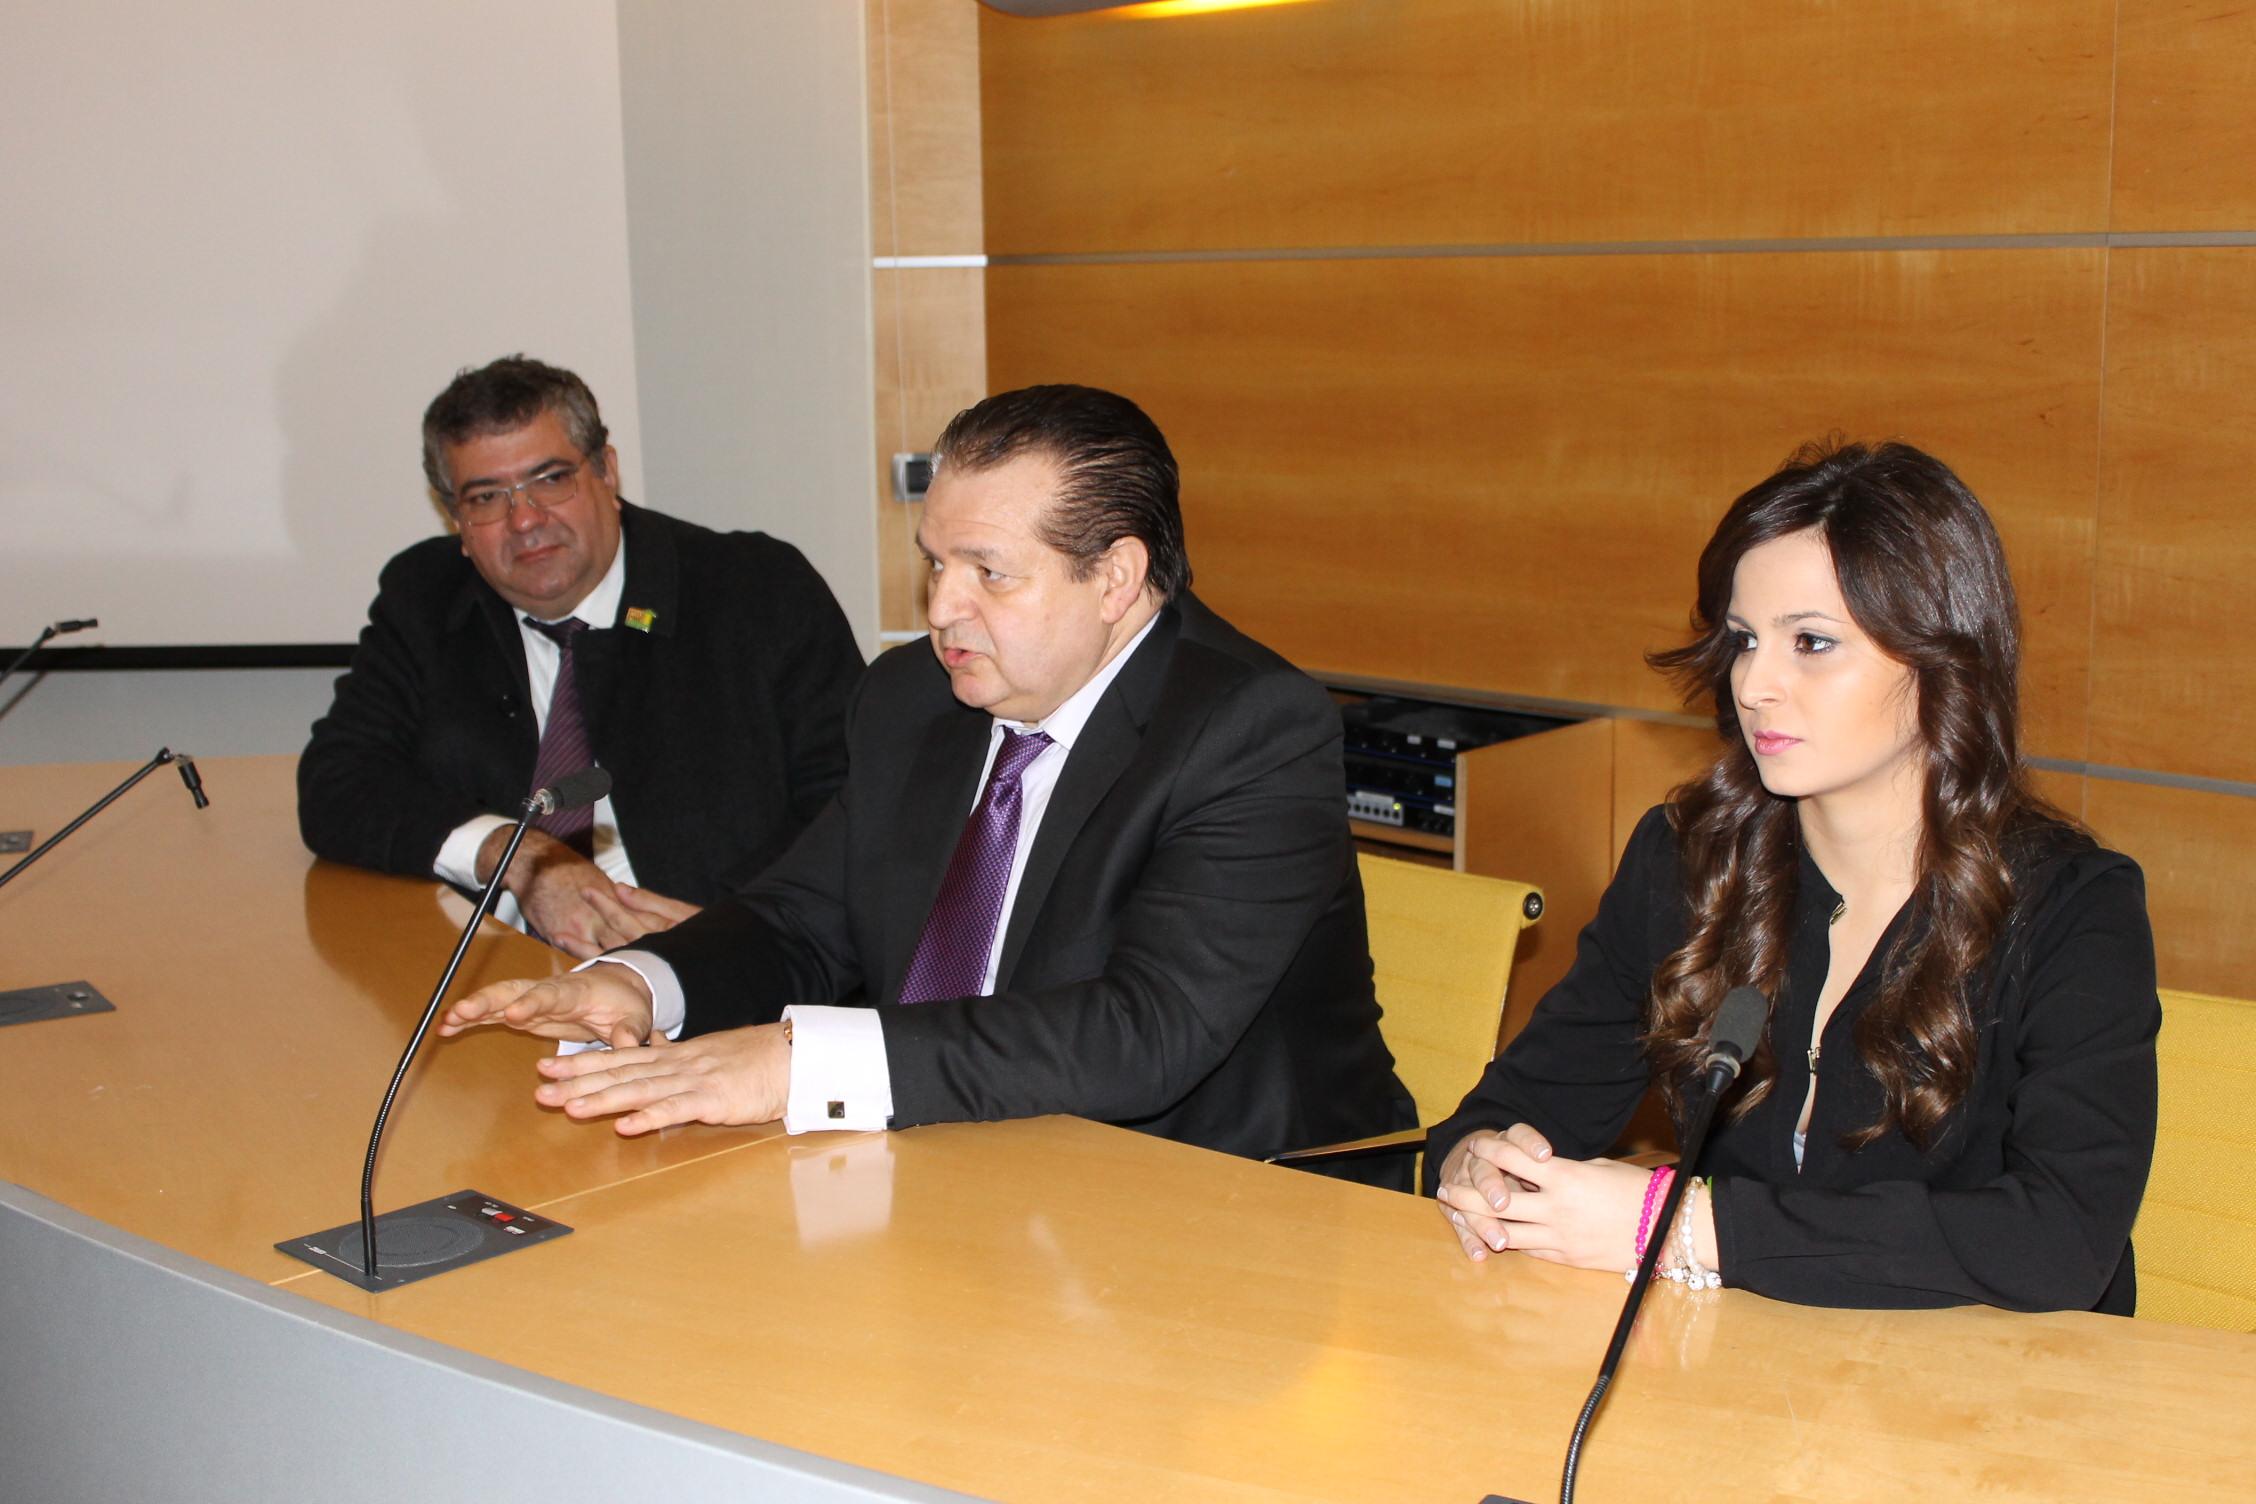 INDUSTRIALES BRASILEÑOS DE LA MADERA SE REÚNEN EN FIMMA-MADERALIA CON EL PRESIDENTE DE LA ASOCIACIÓN NACIONAL DE FABRICANTES DE PUERTAS